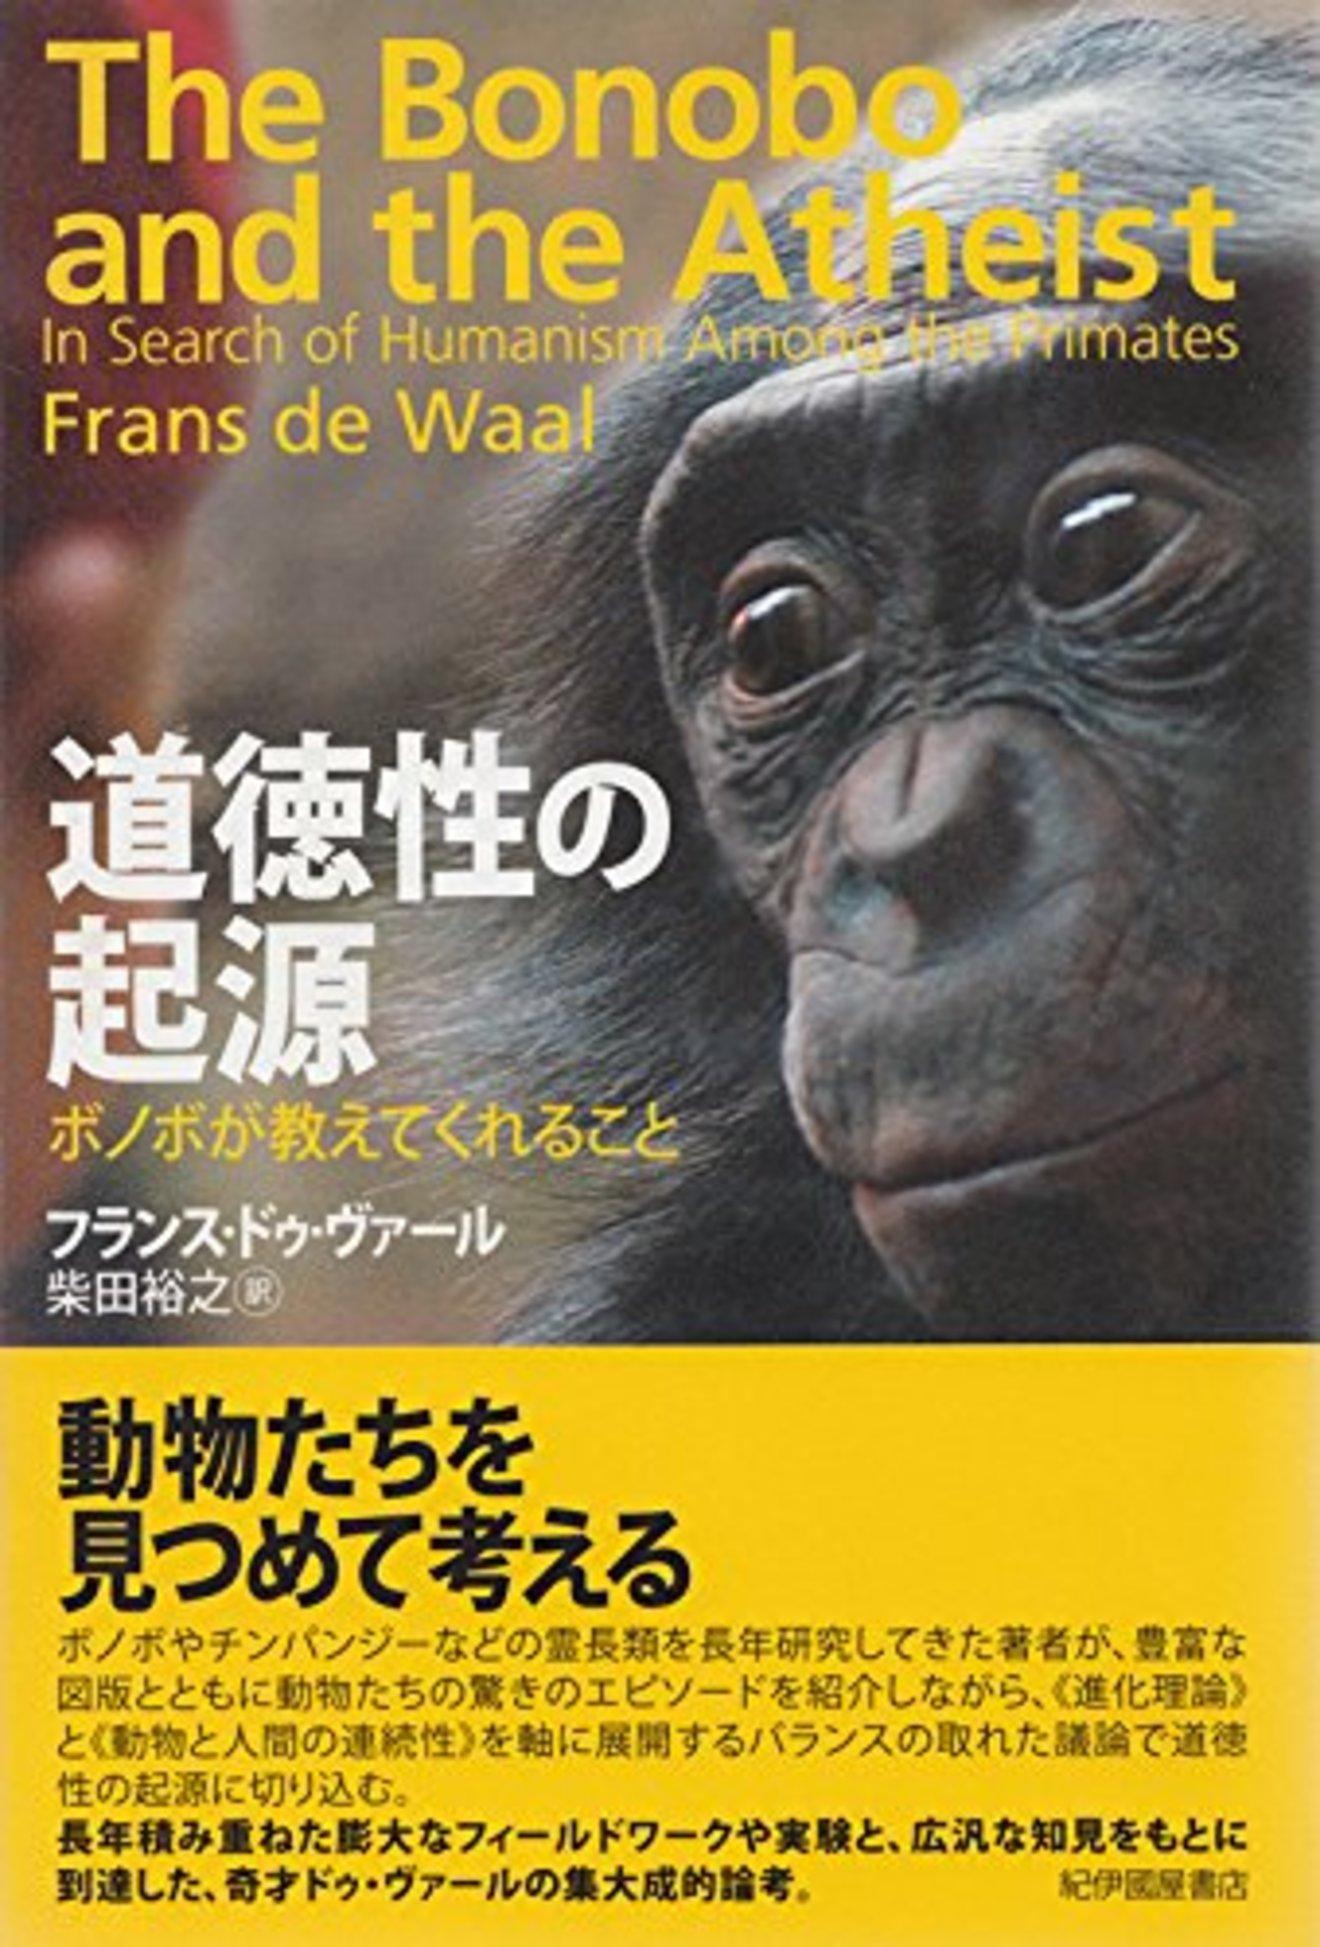 ボノボの生態をご紹介!セックスが平和をもたらす?人間に一番近い類人猿